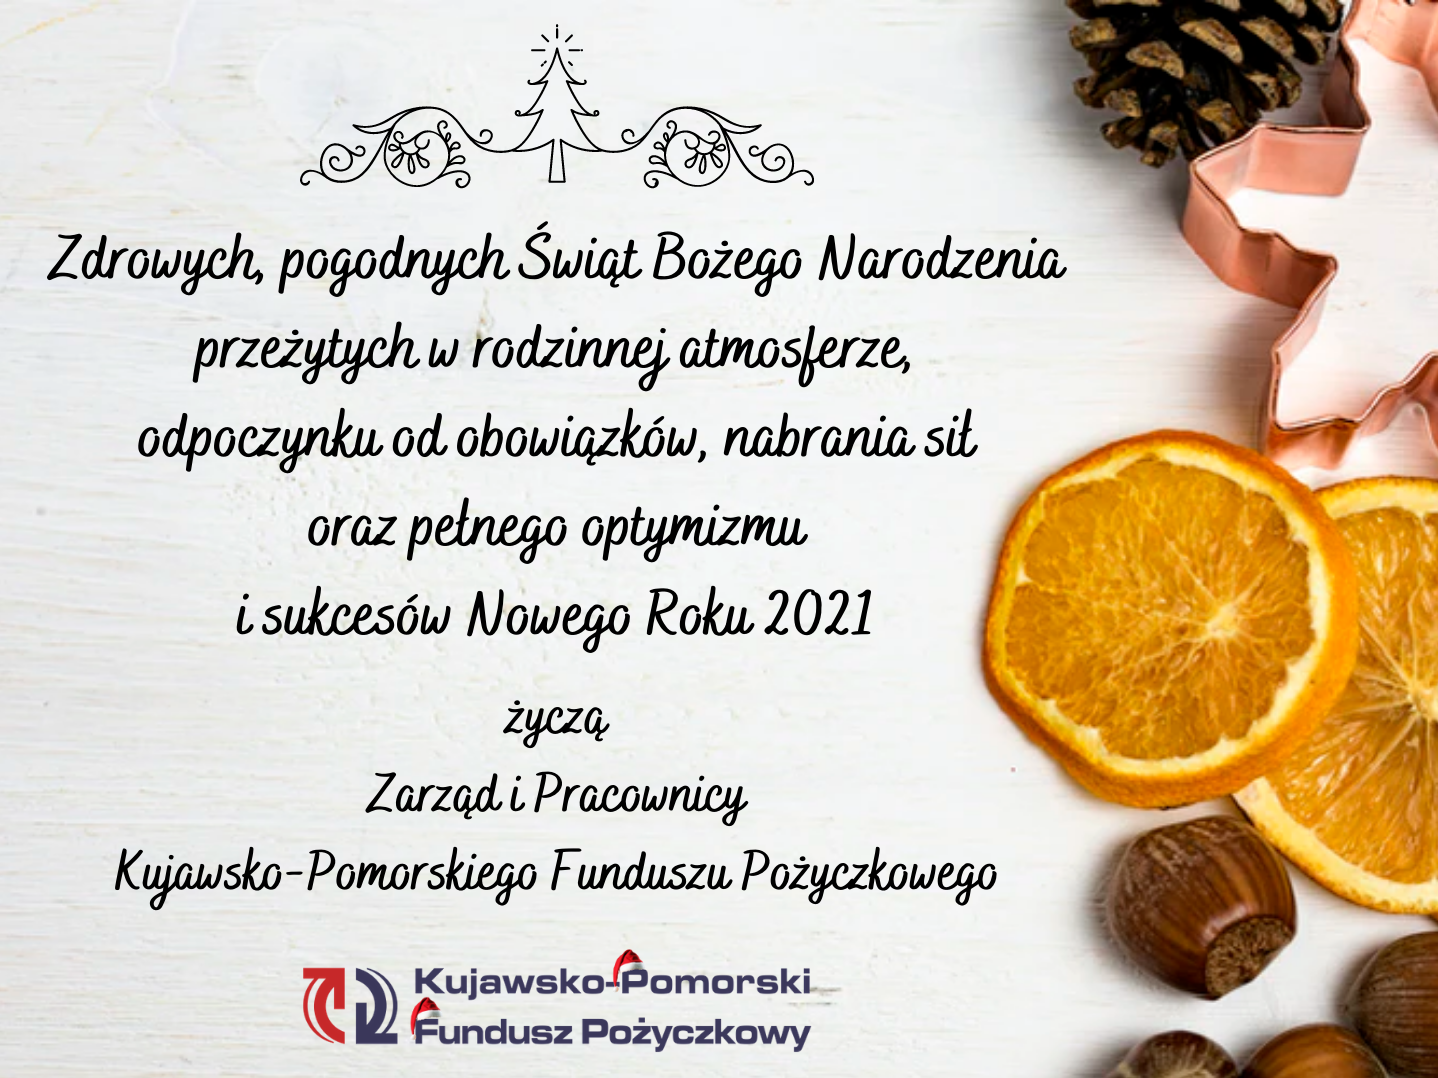 Życzenia Bożonarodzeniowe 2020